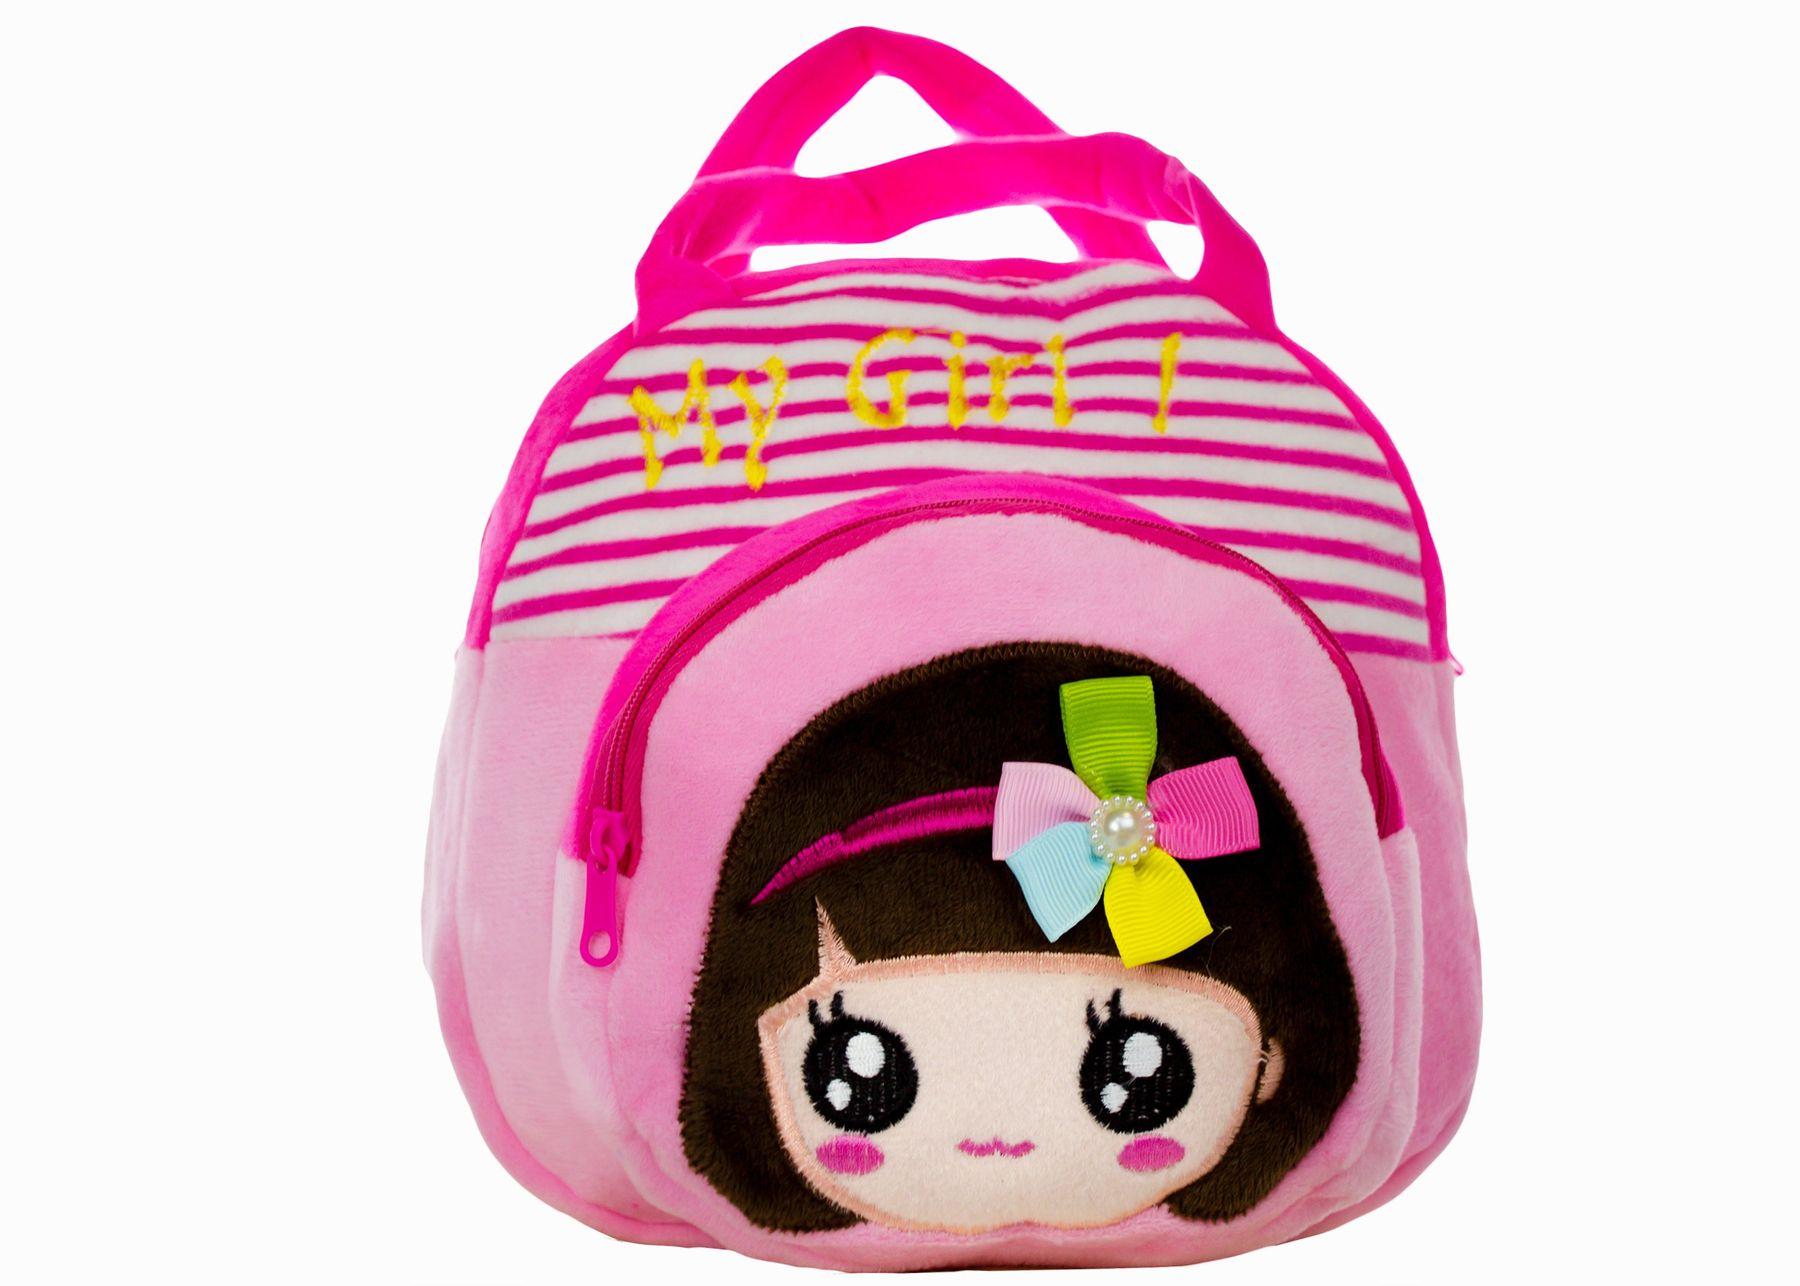 44f9268b50bd Детские сумки для девочек в интернет-магазине ГалантиЯ